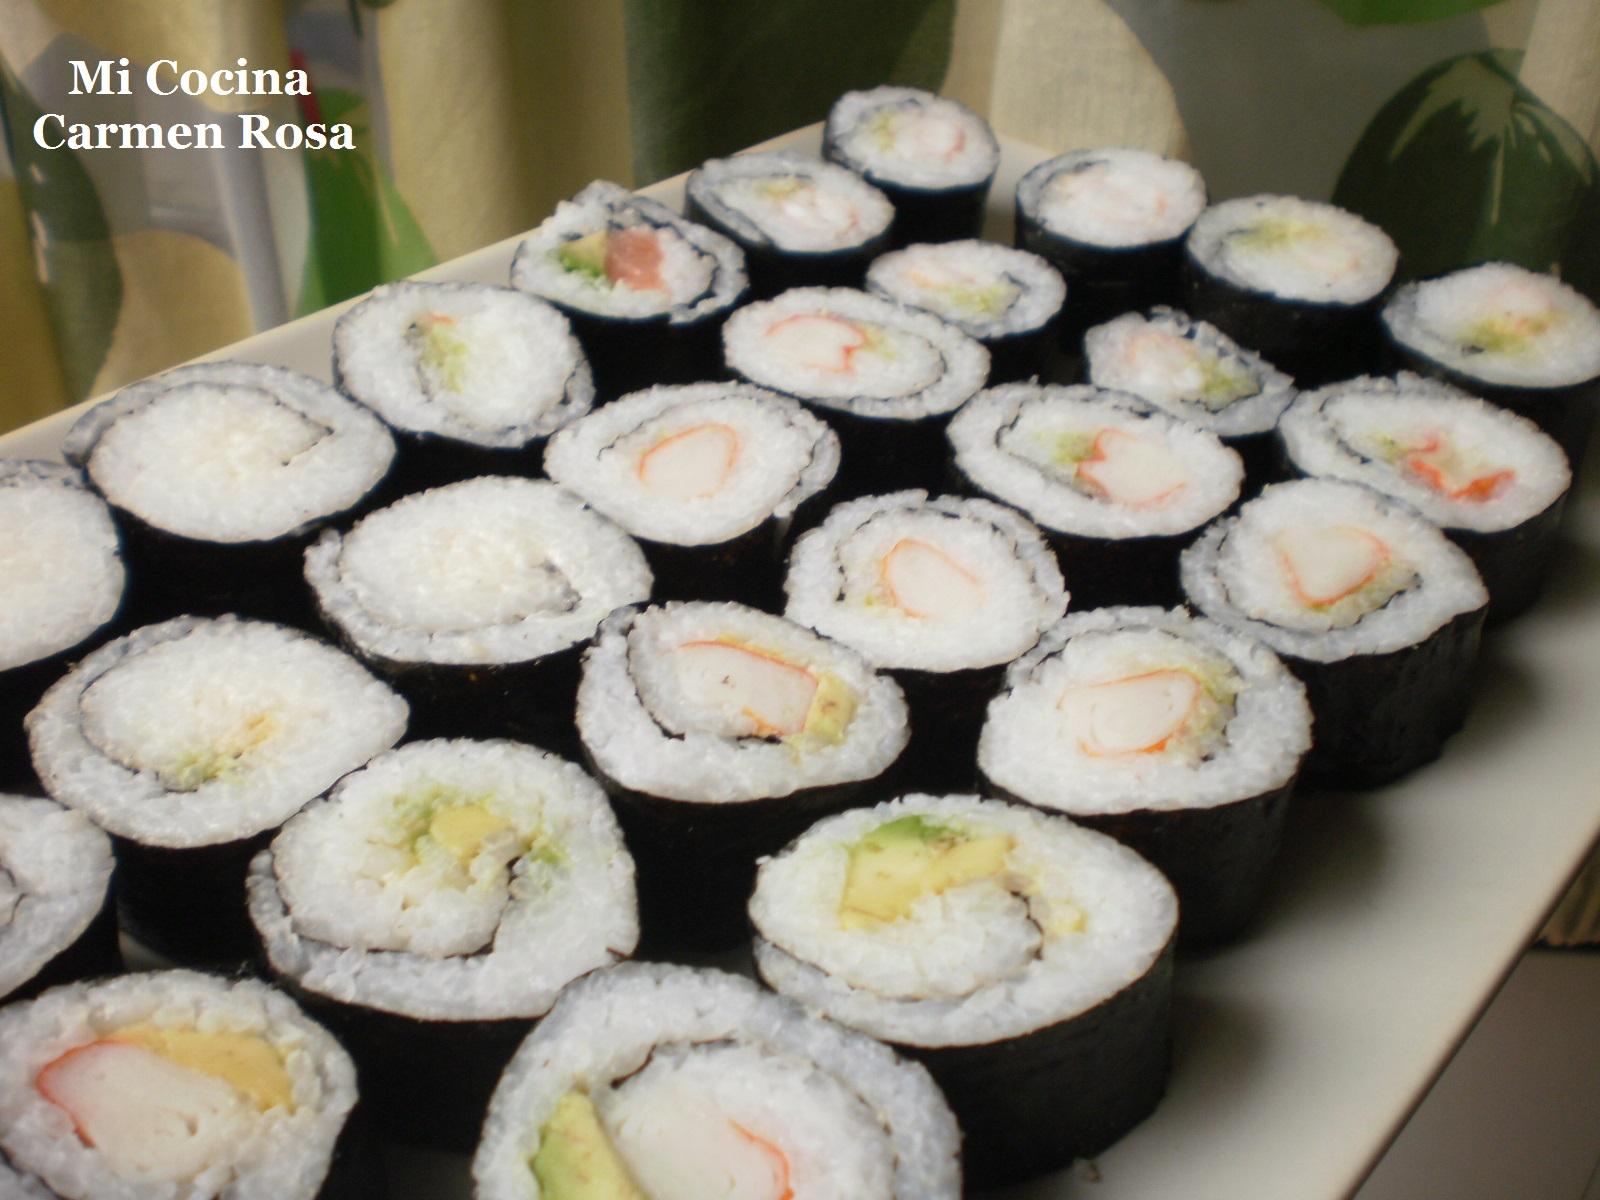 Mi cocina como preparar arroz para hacer sushi y preparar for Como hacer arroz para sushi